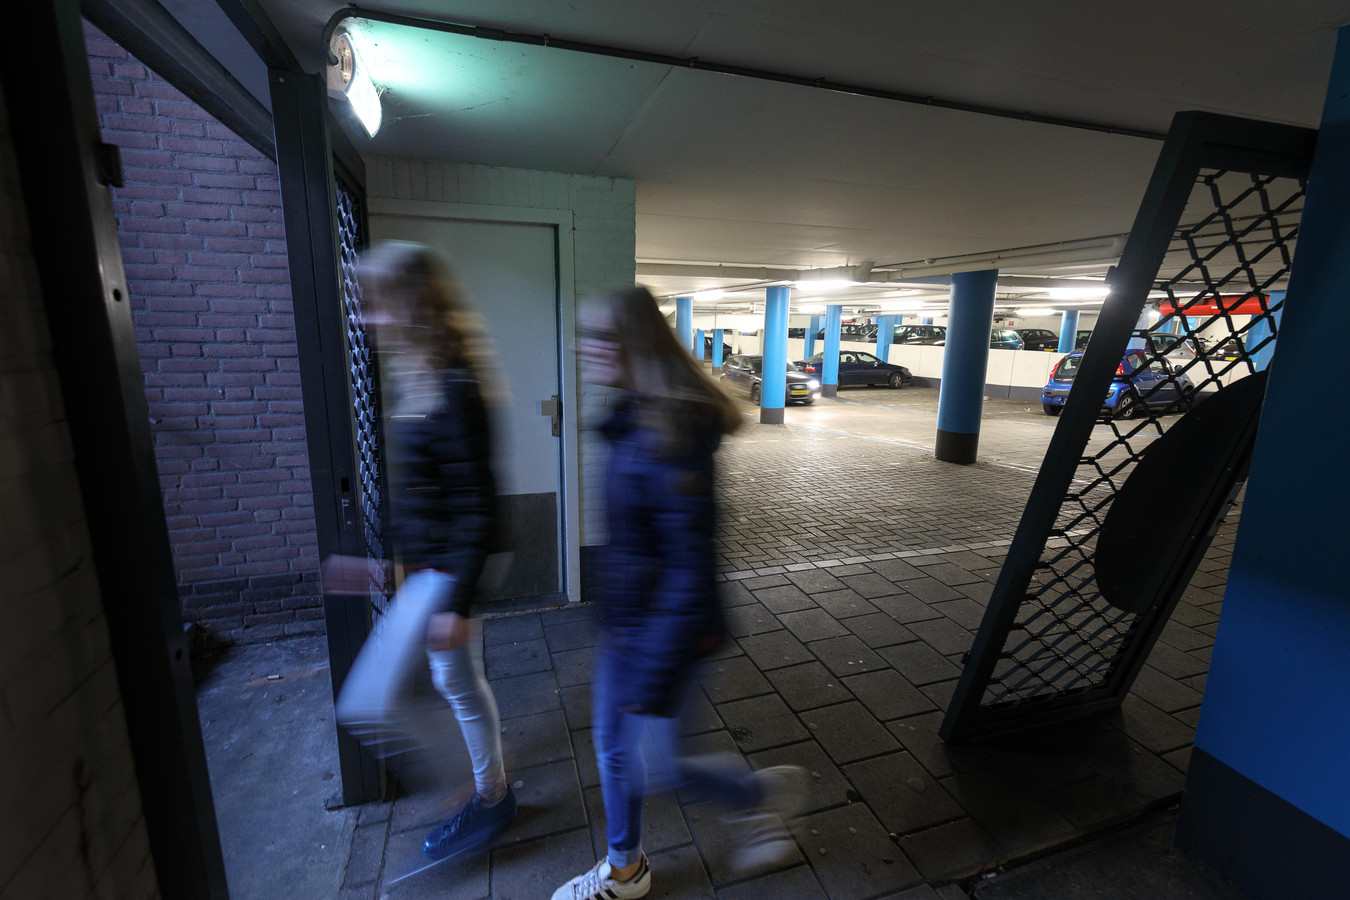 De veiligheid in parkeergarages Prinsenhoven en Gasthuispoort in Steenwijk wordt onderzocht.